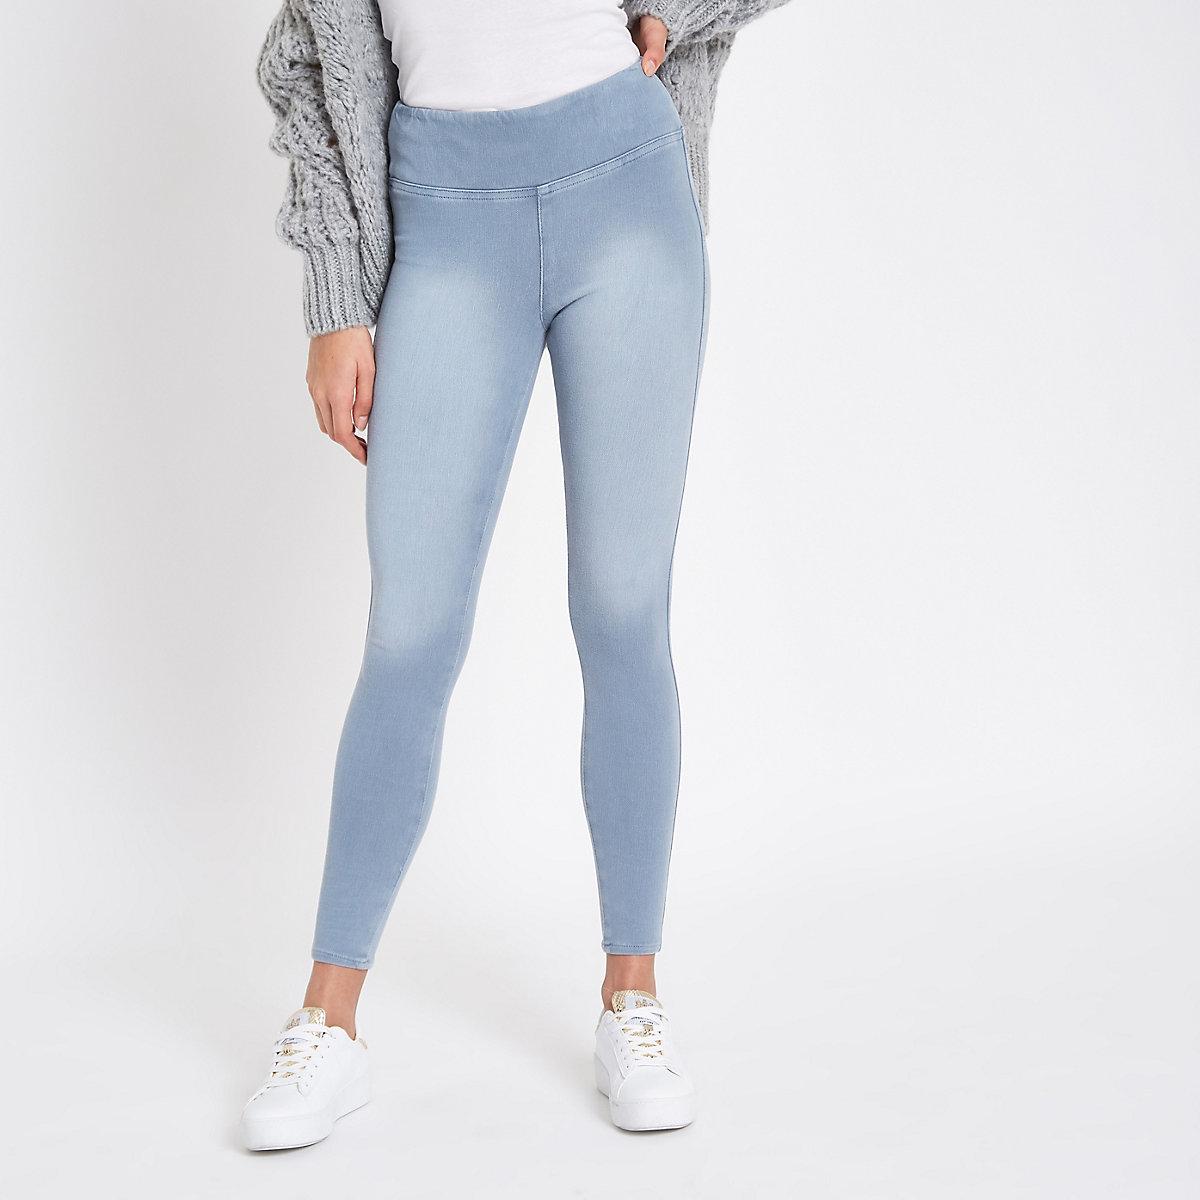 7c7f3dfd616206 Light blue denim look leggings - Leggings - Trousers - women